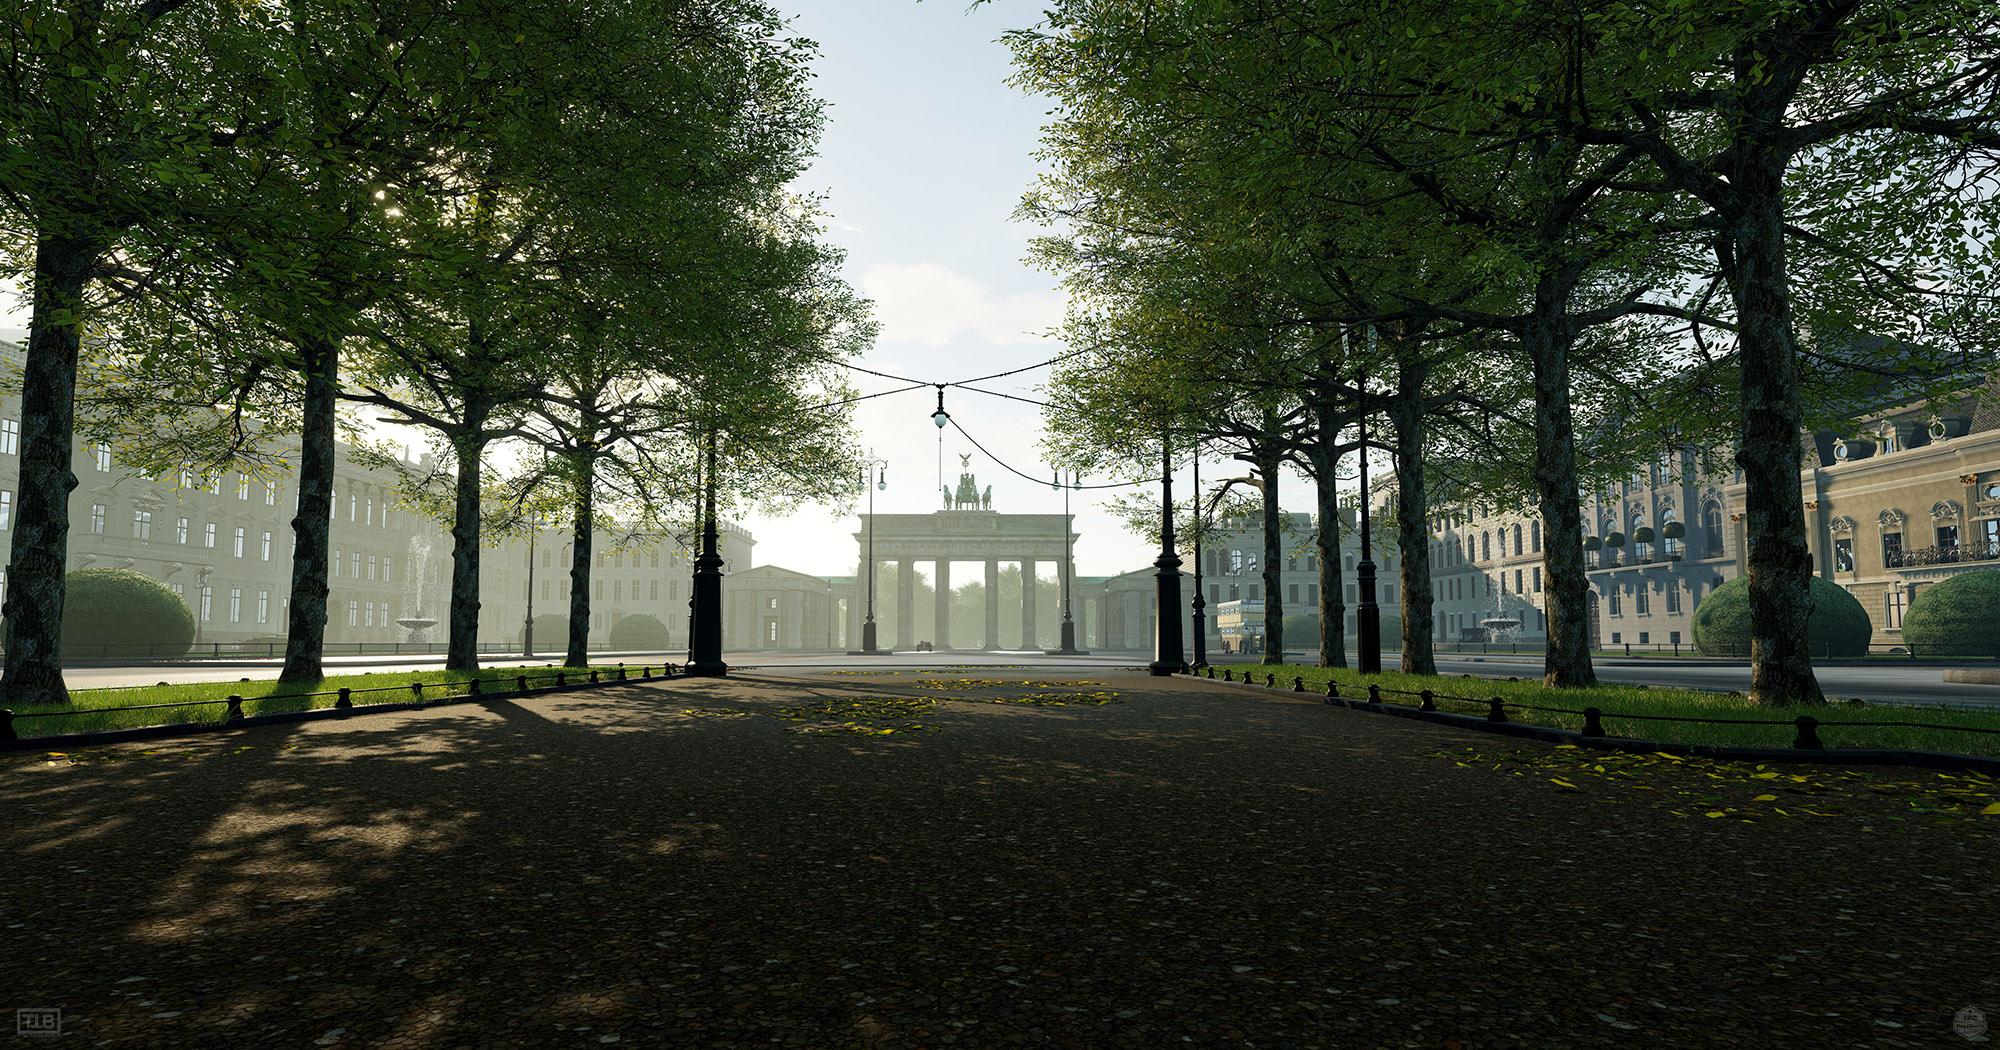 PariserPlatz-Super-Resolution-2020.05.28-2-klein.jpg